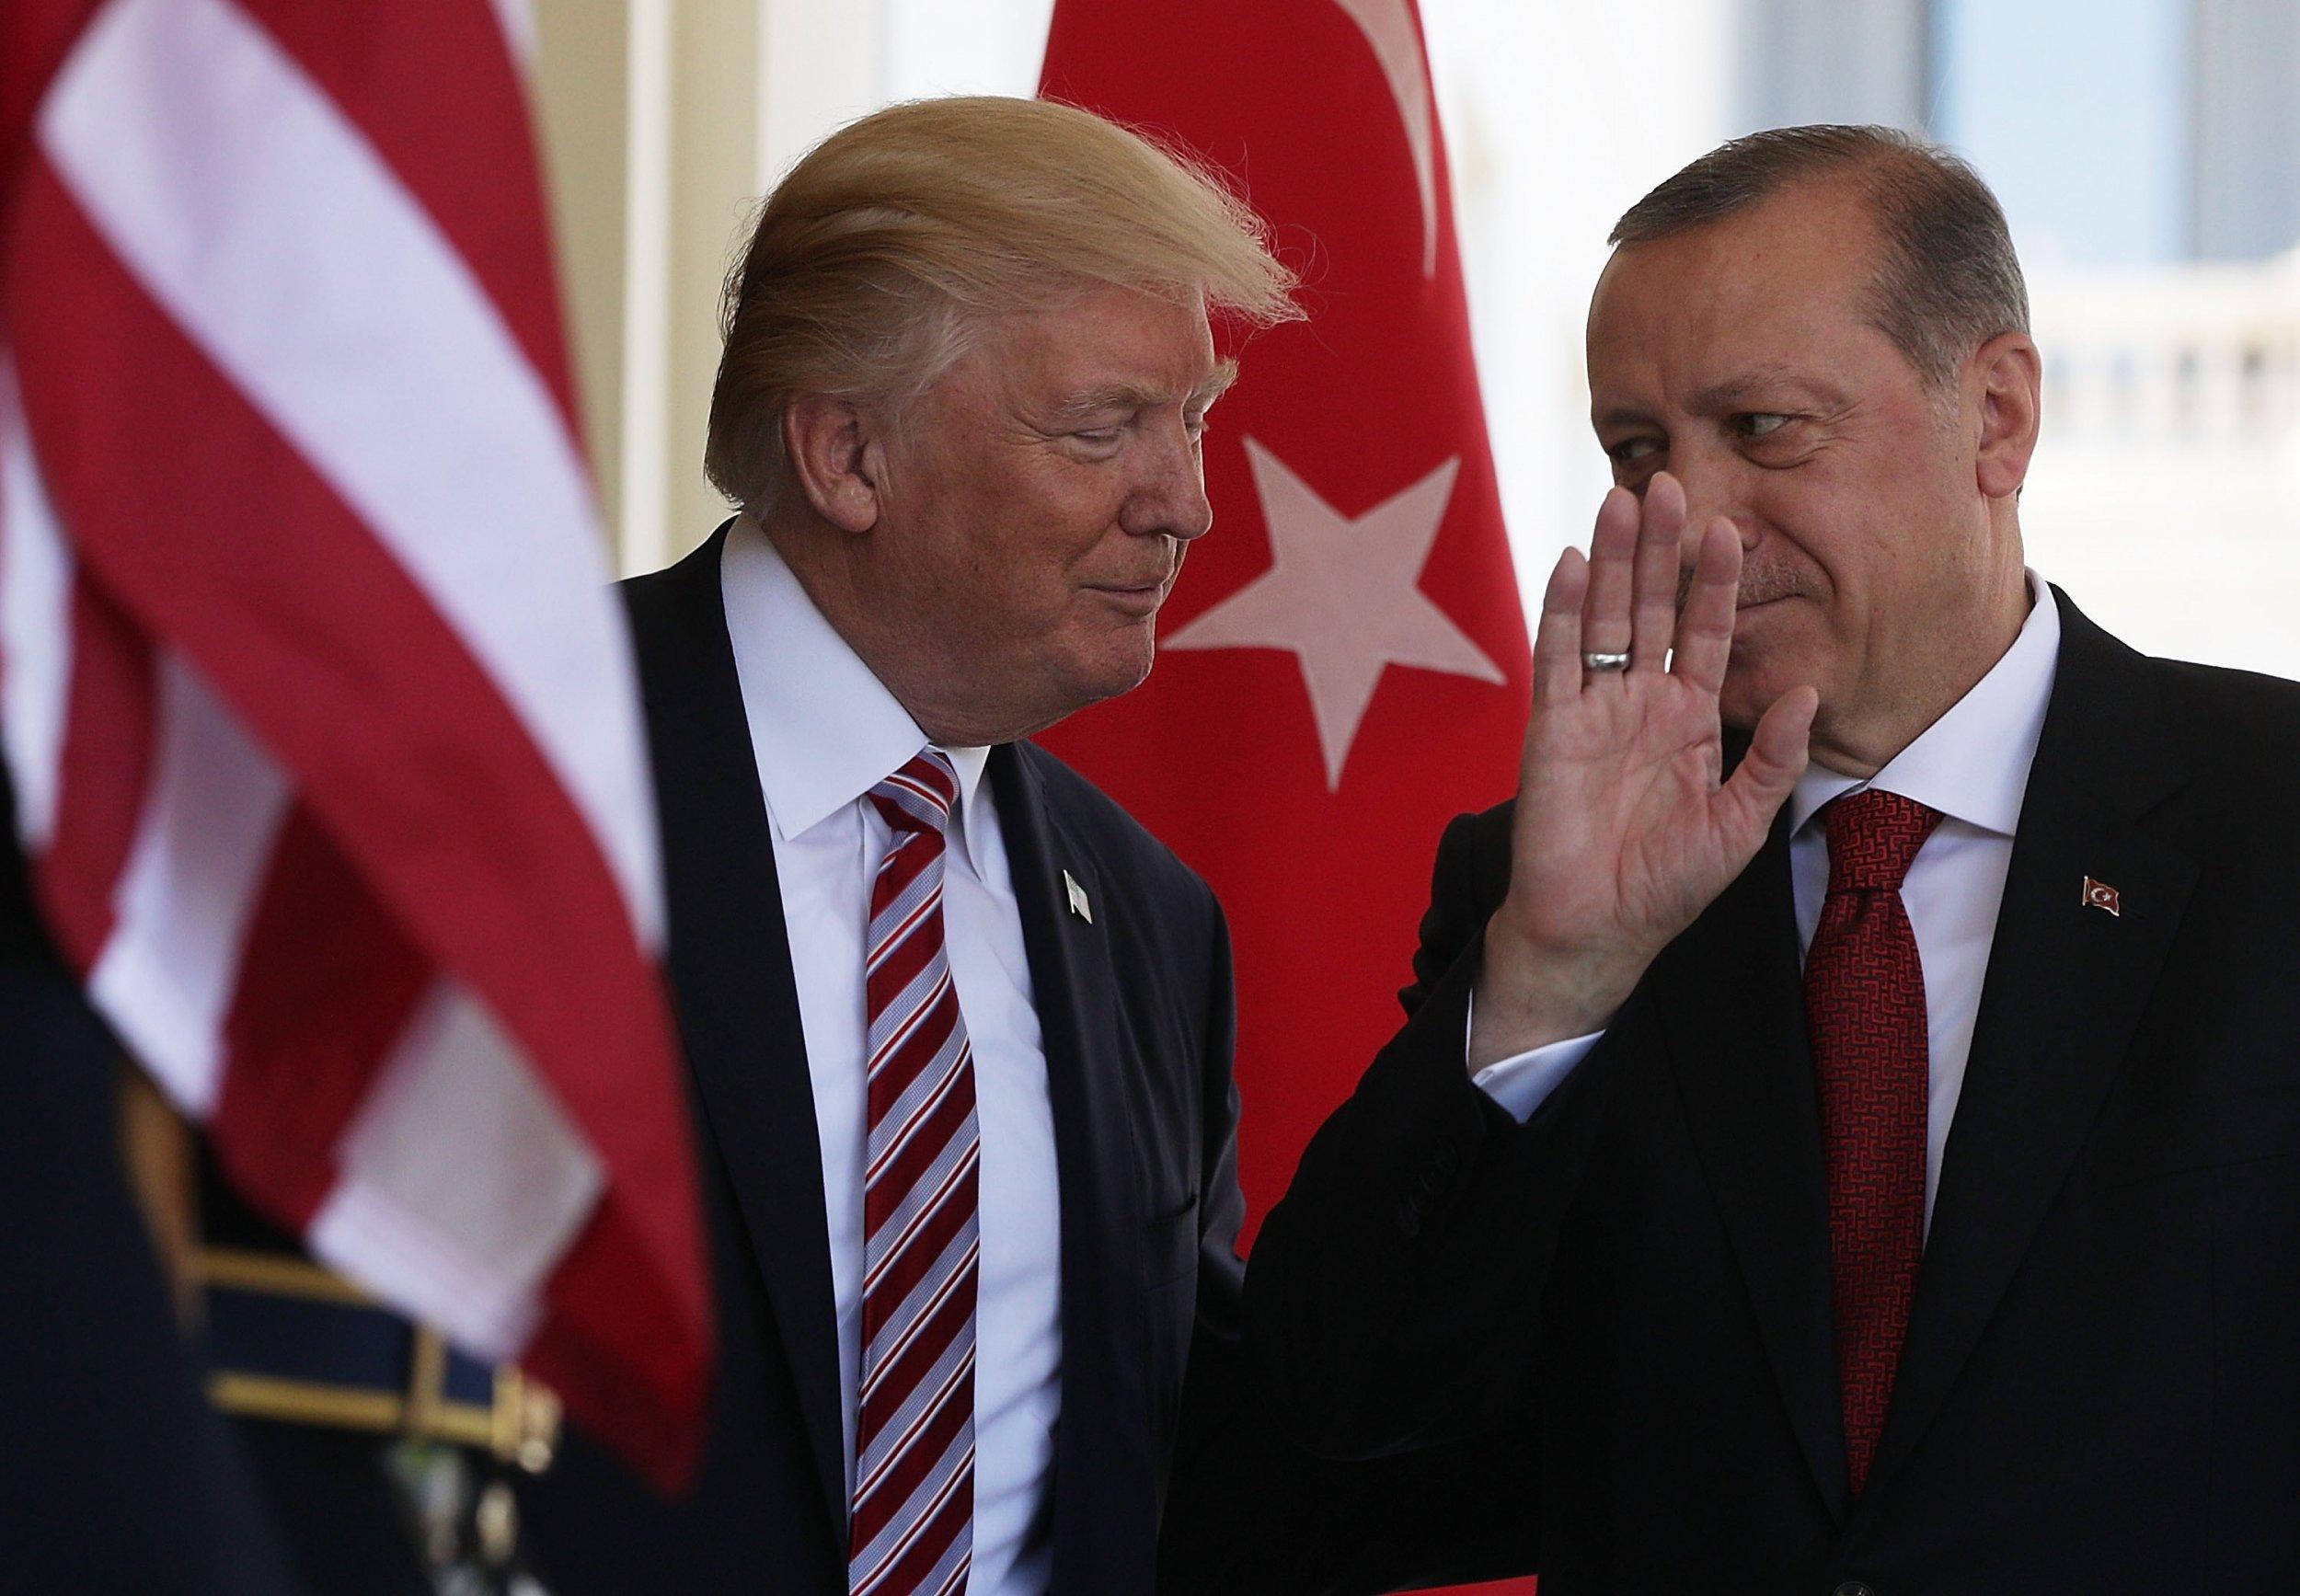 Erdogan urged US authorities to change their attitude towards Turkey, threatening to seek new allies 0125trumperdogan